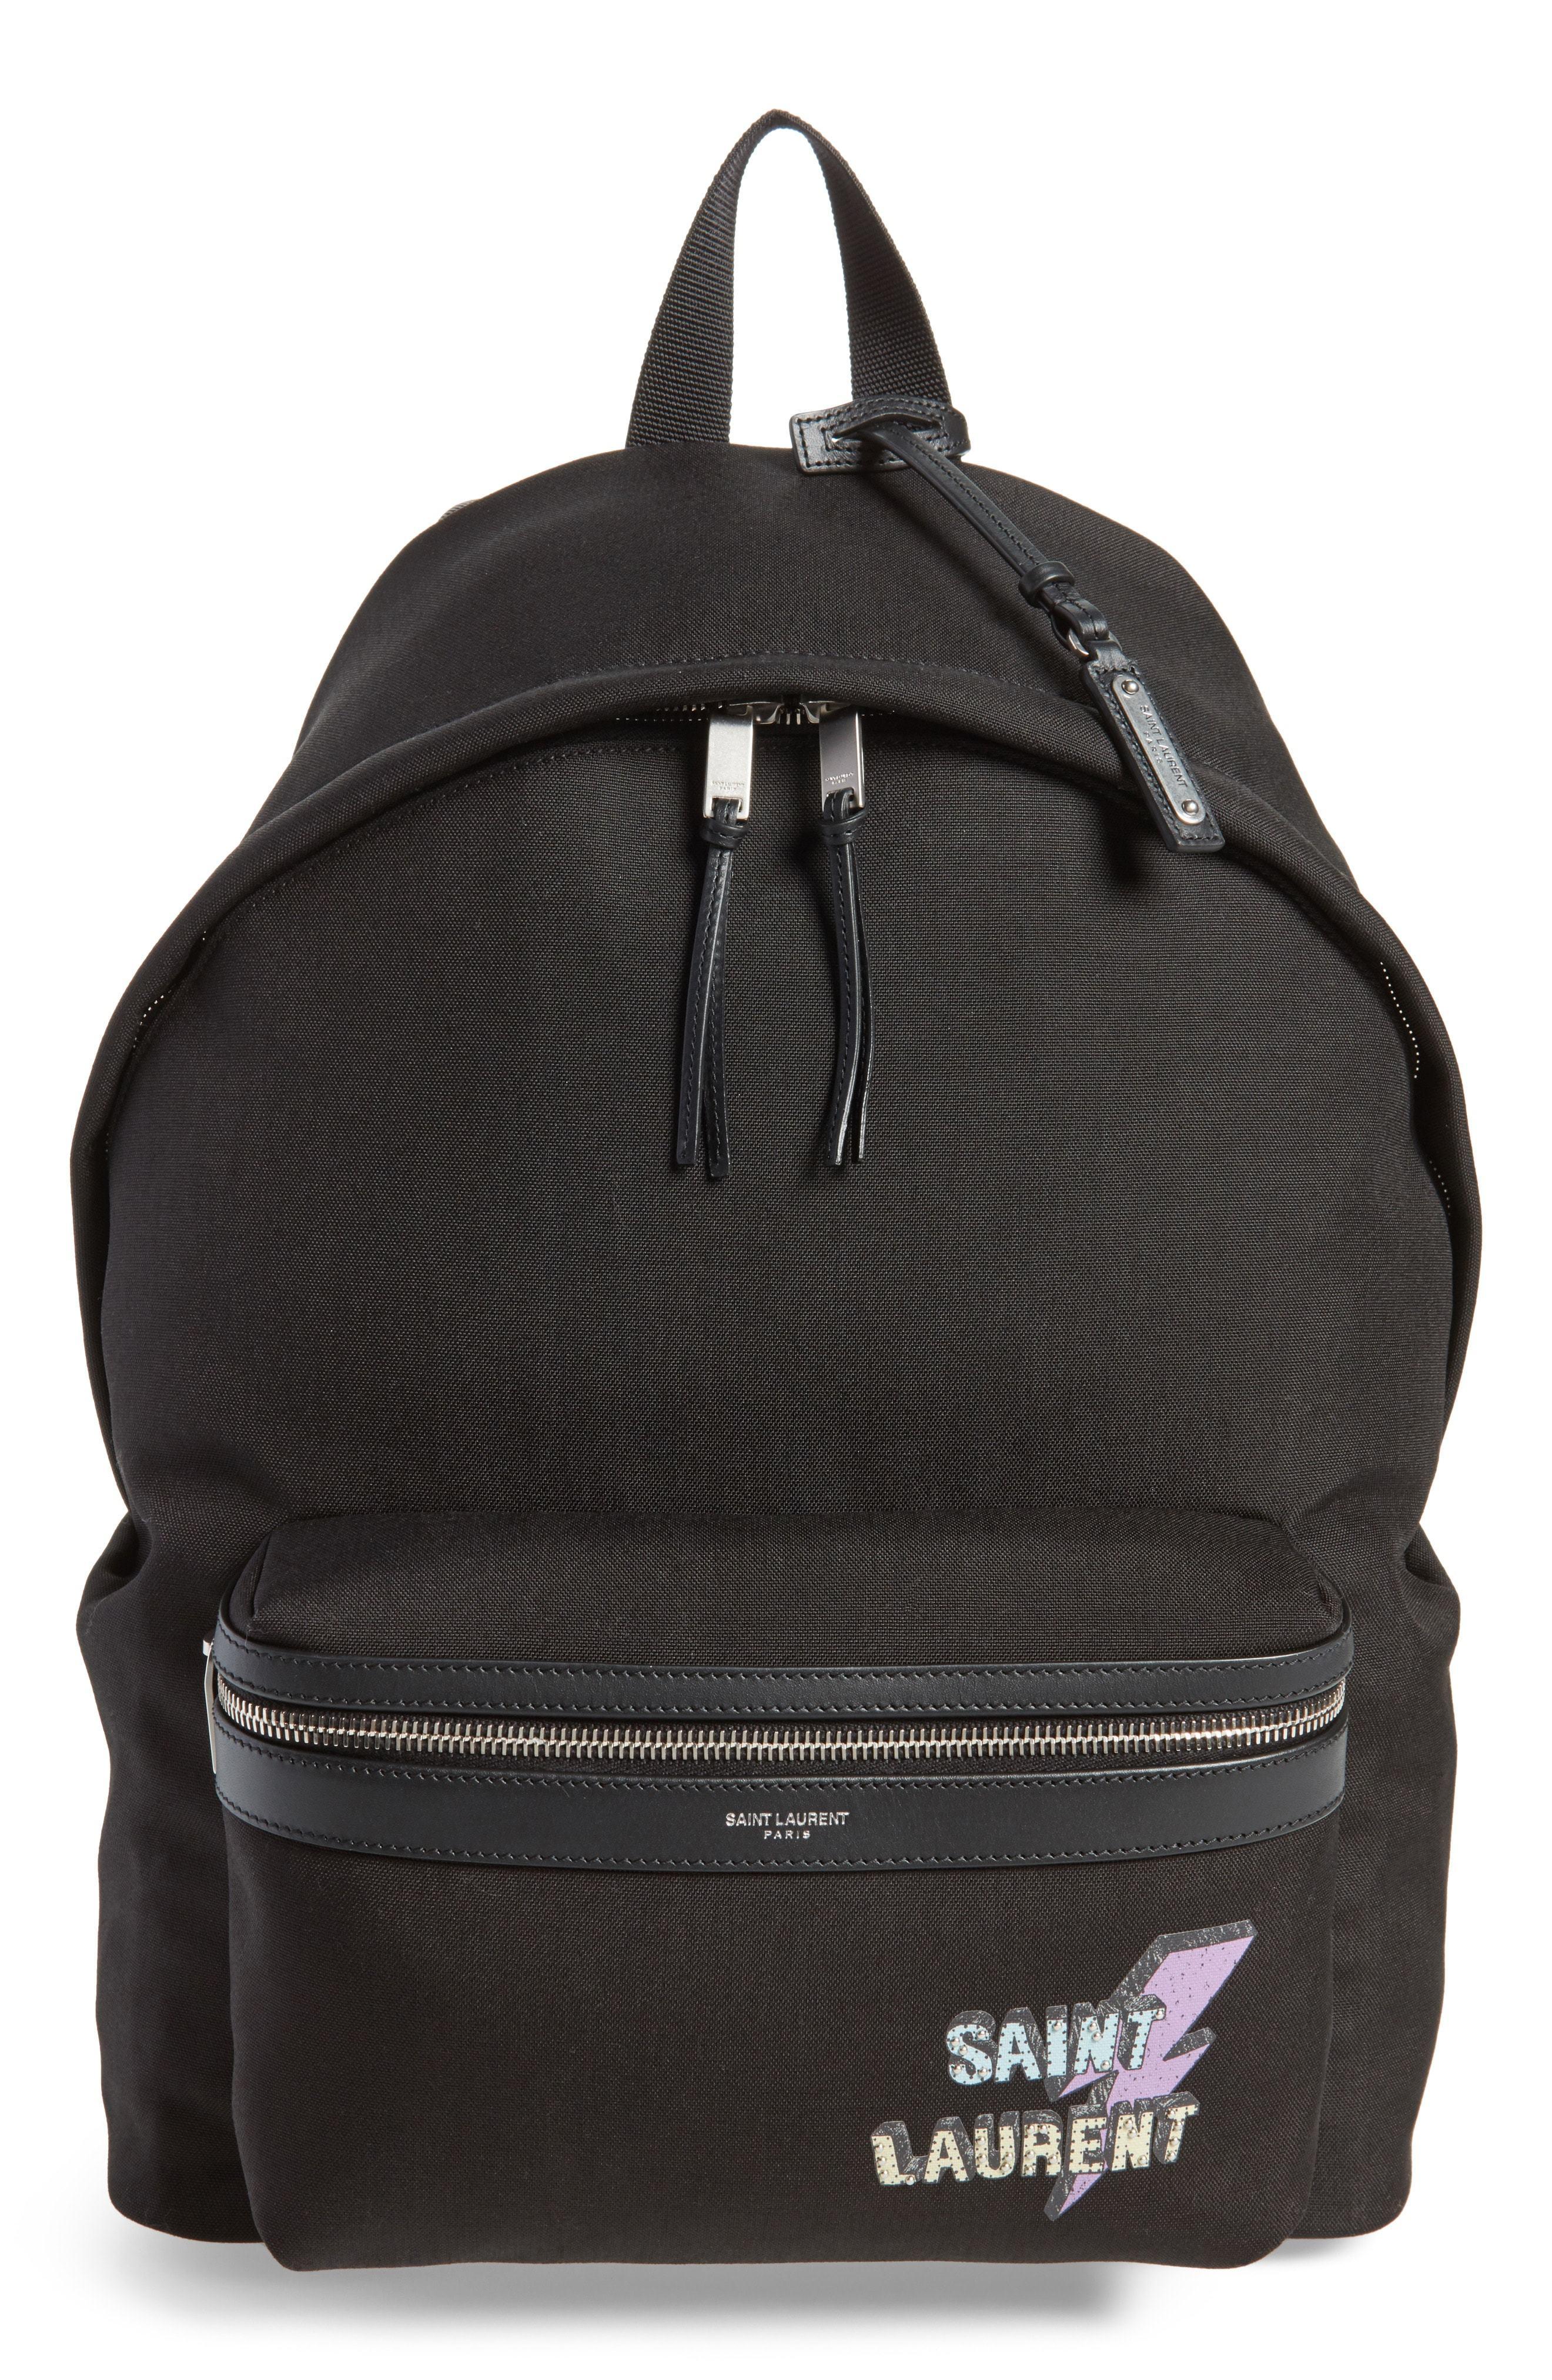 Saint Laurent Lightning Logo City Backpack